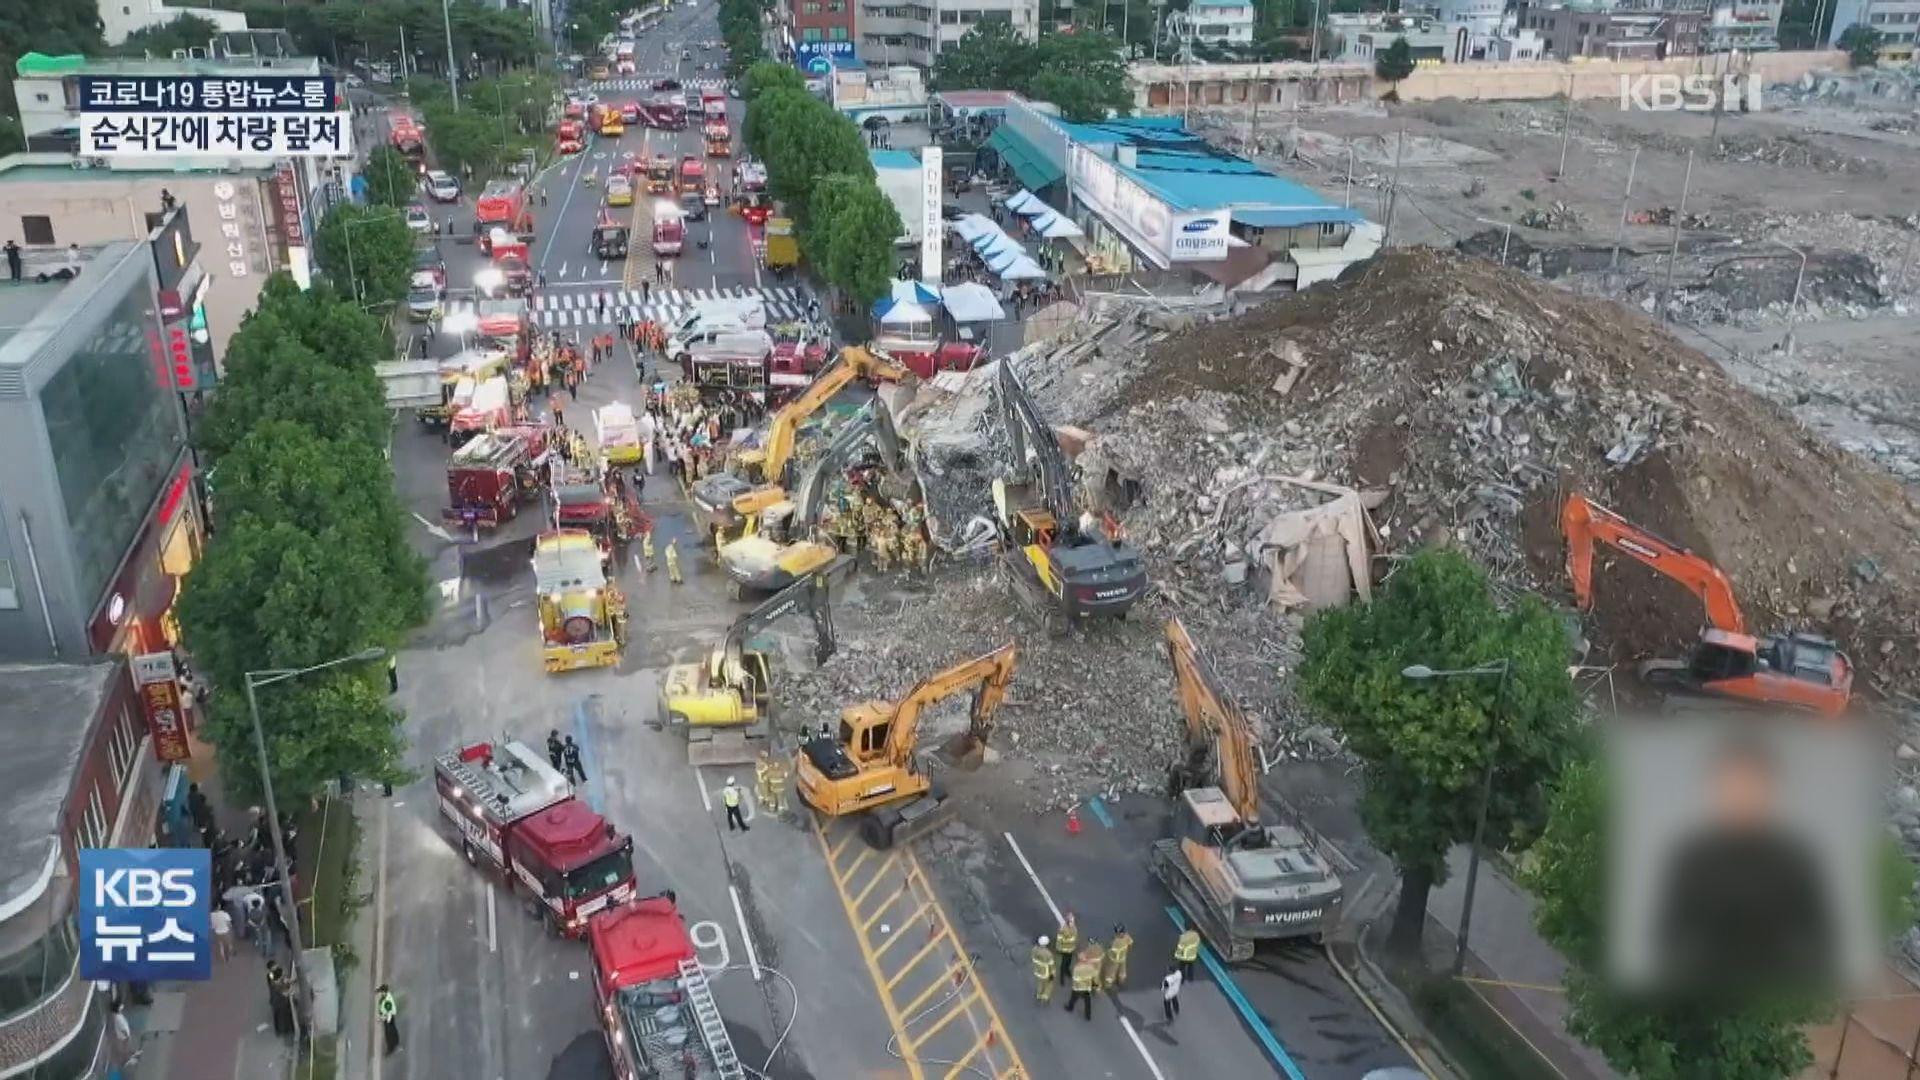 南韓樓宇倒塌事故至少9死8重傷 當局正調查事故原因